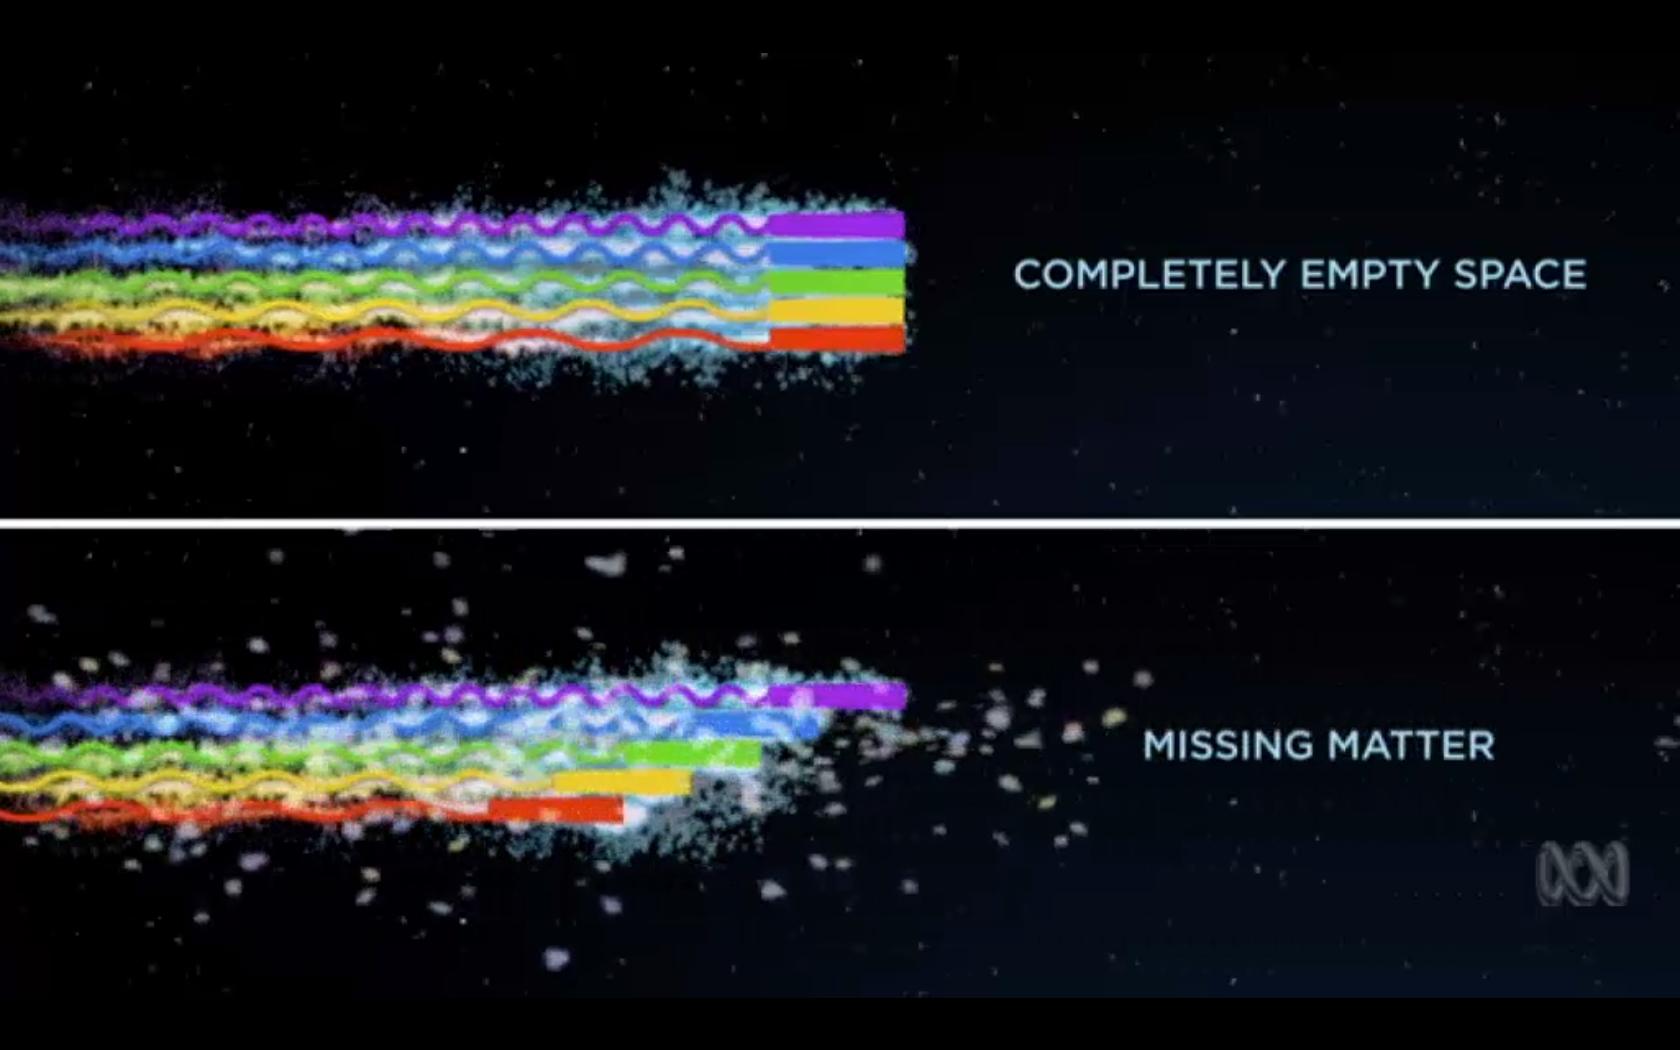 Astronomi pronašli nedostajuću tvar svemira